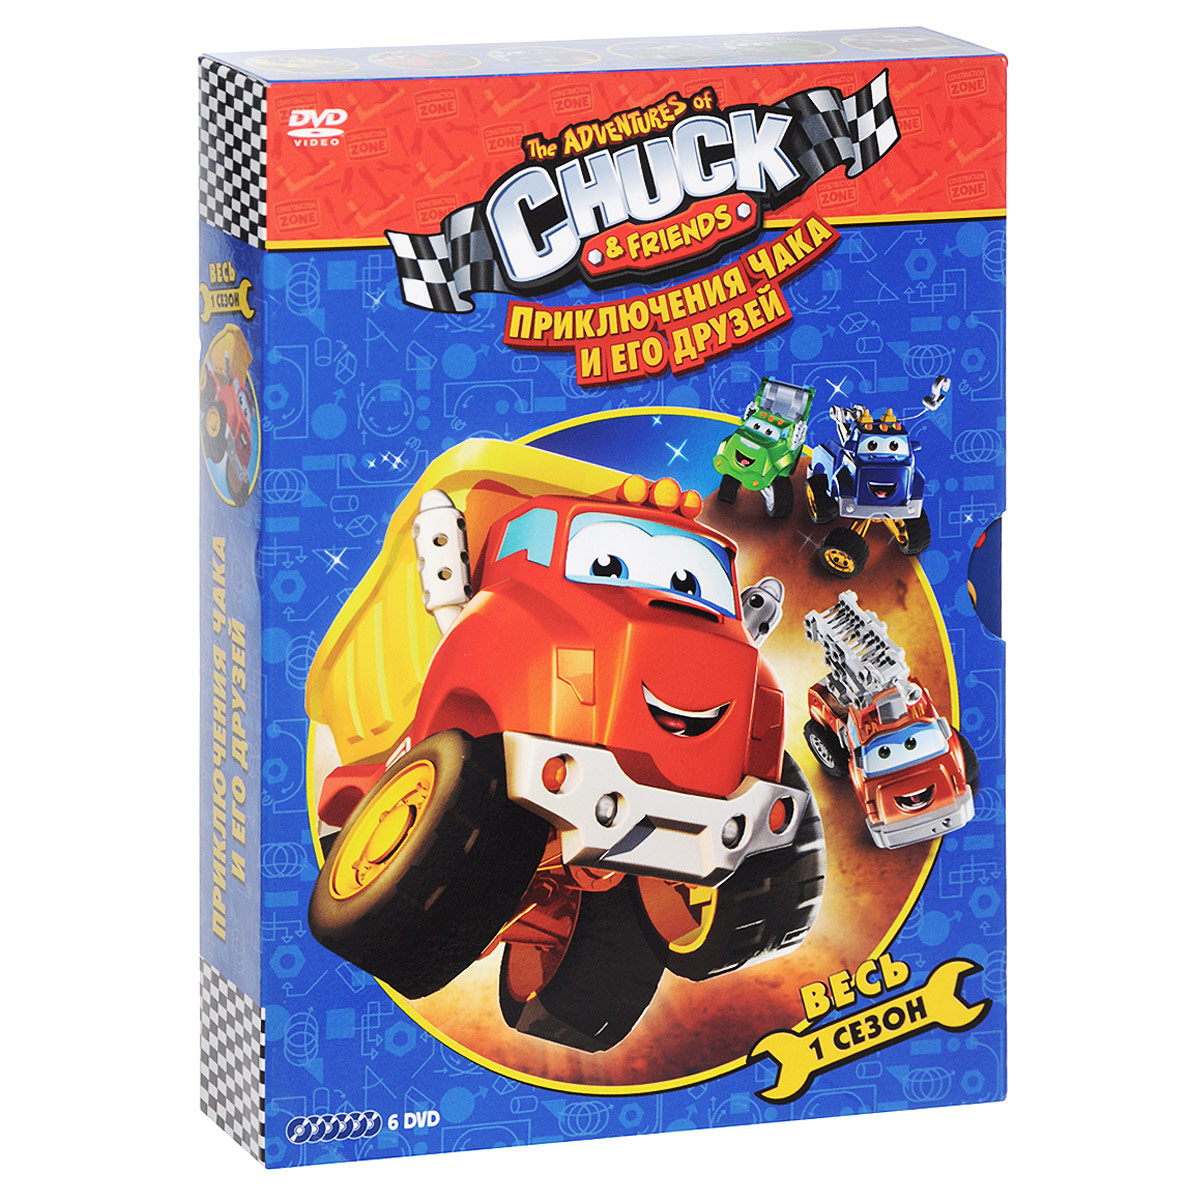 Приключения Чака и его друзей: Весь 1 сезон (6 DVD) видеодиски нд плэй экстрасенсы dvd video dvd box